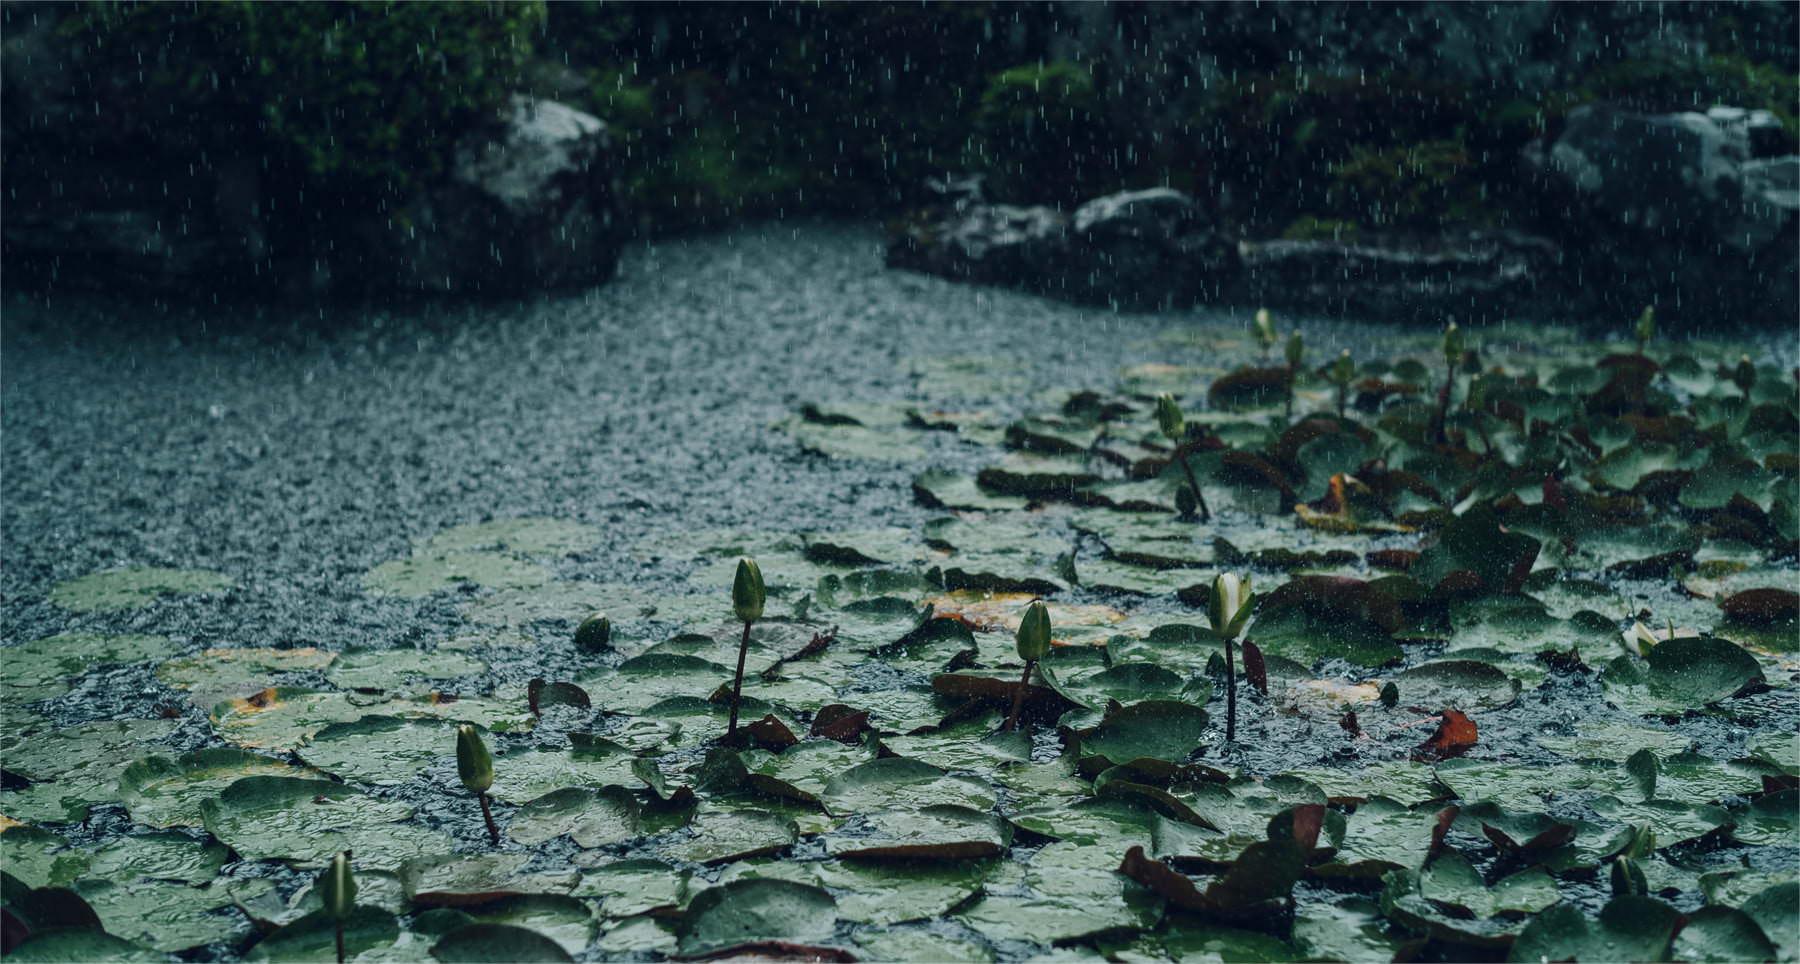 Jojuin garden in misty rain